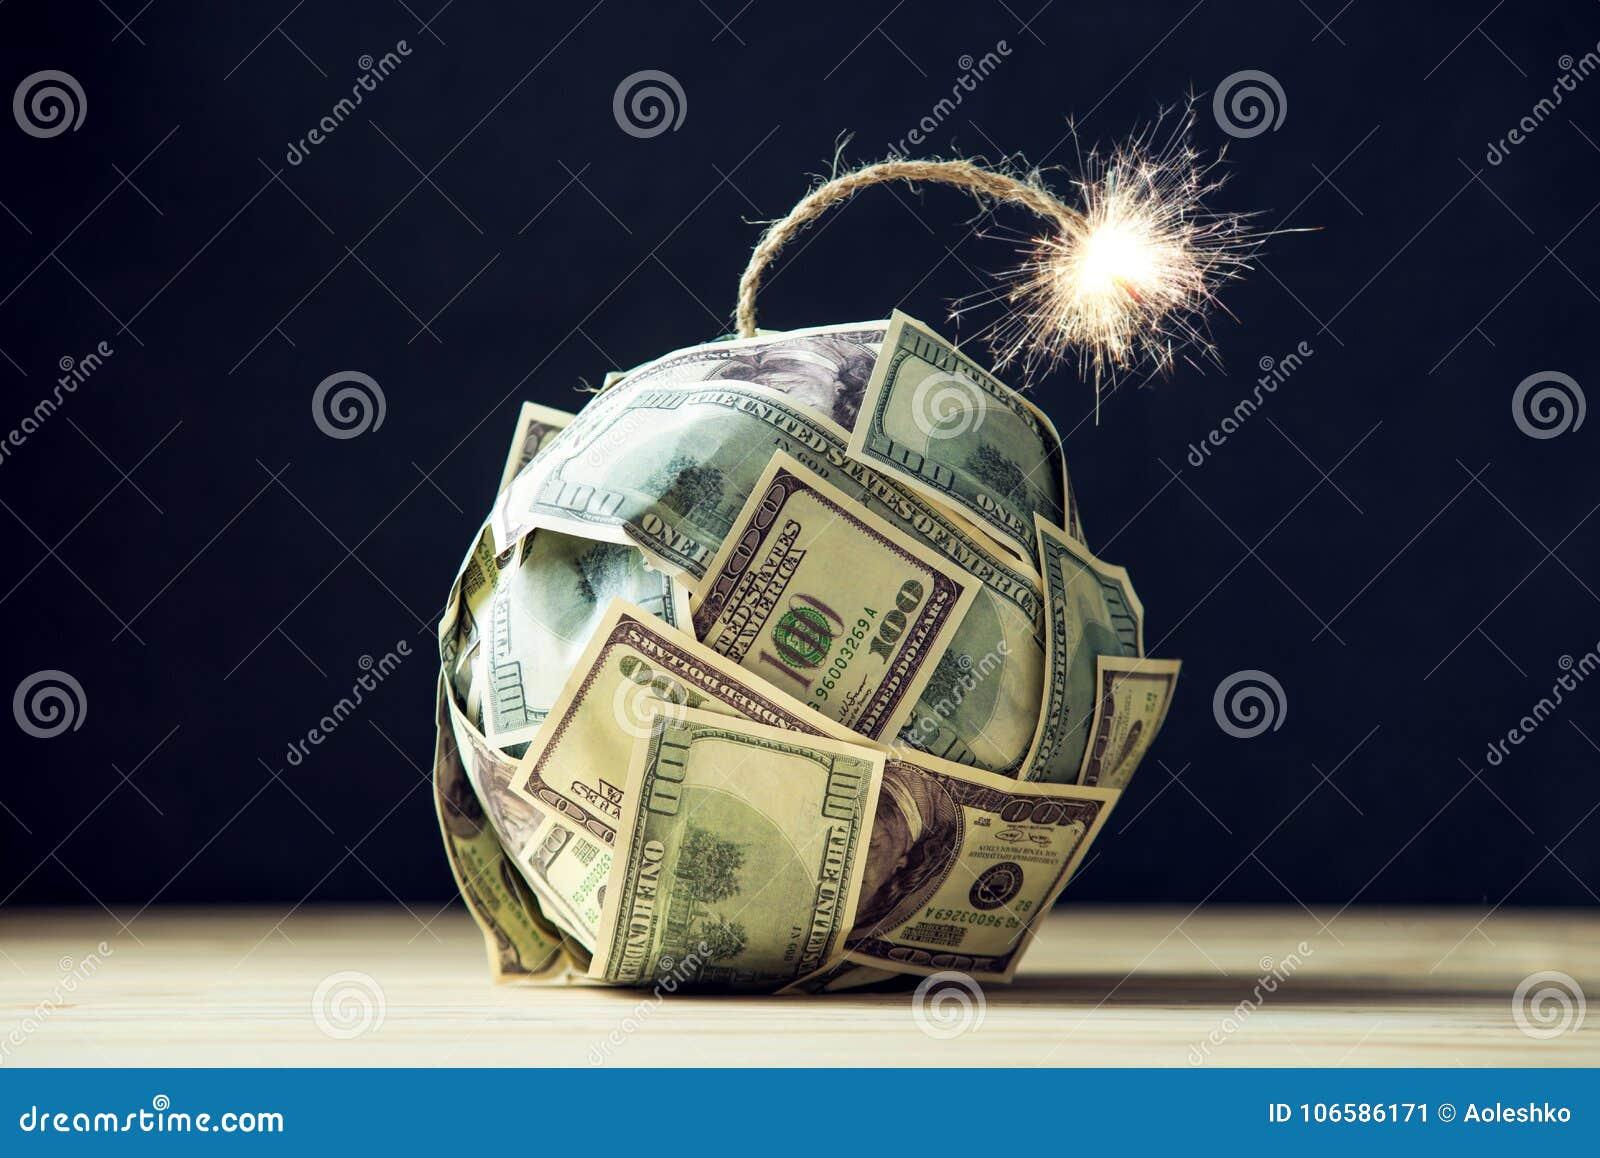 金钱炸弹与一个灼烧的灯芯的一百元钞票 在爆炸前的一点时刻 财务概念的危机